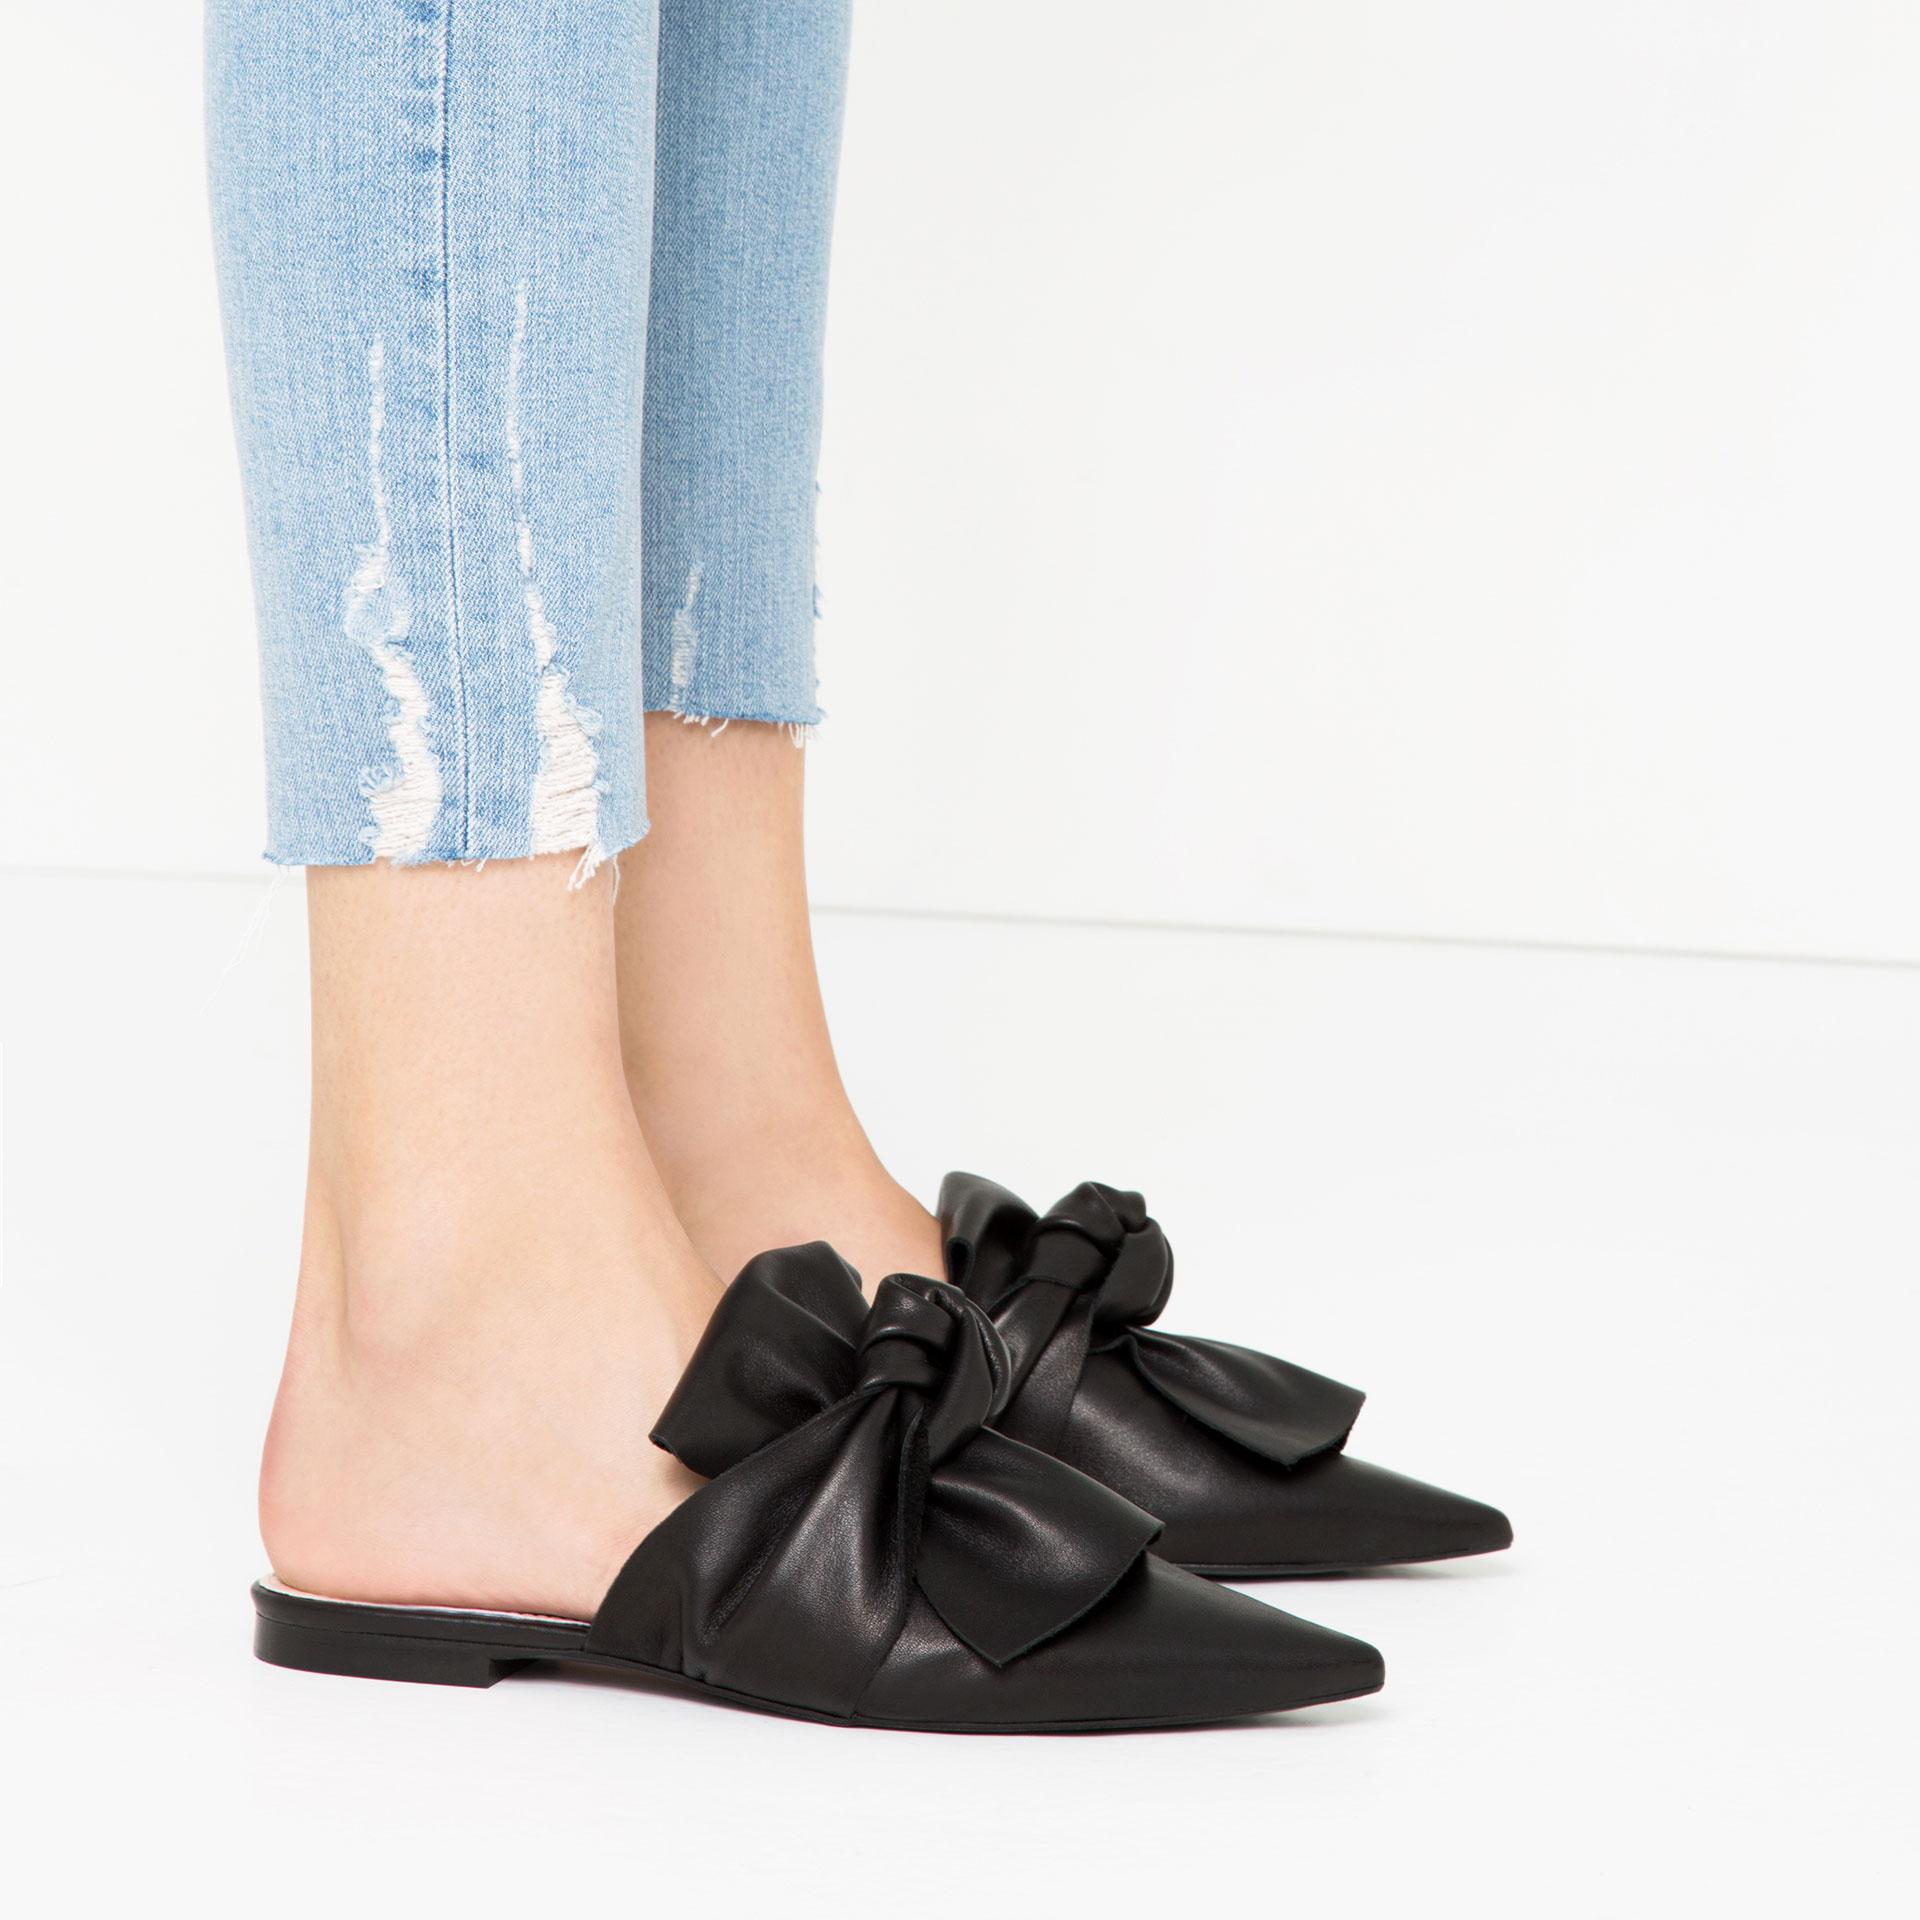 scarpe2017_zara_fiocco_pelle